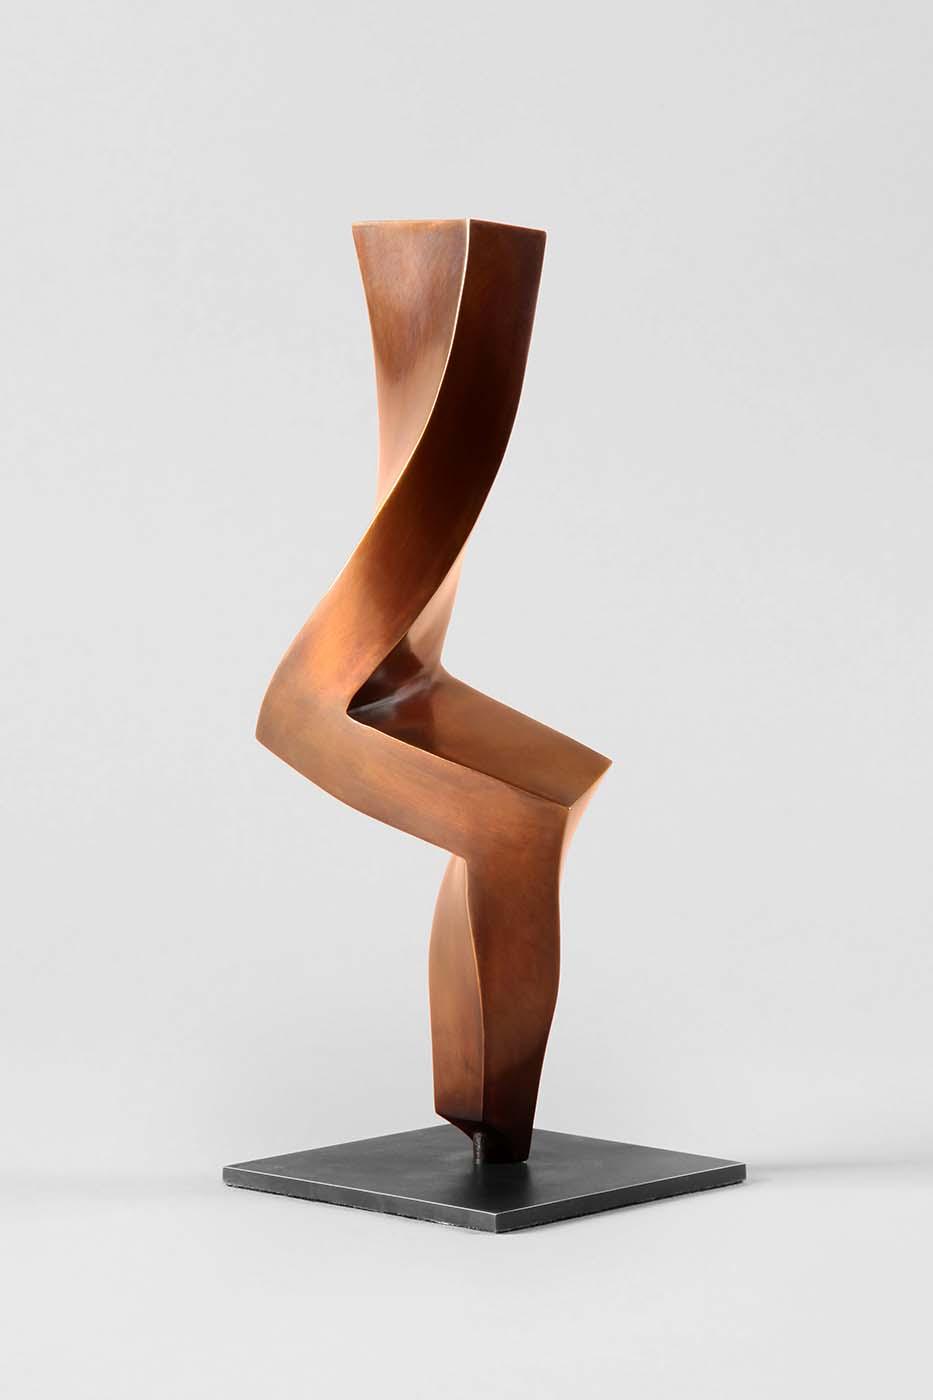 Tänzerin, 2013, Bronze, 30 x 12 x 6 cm